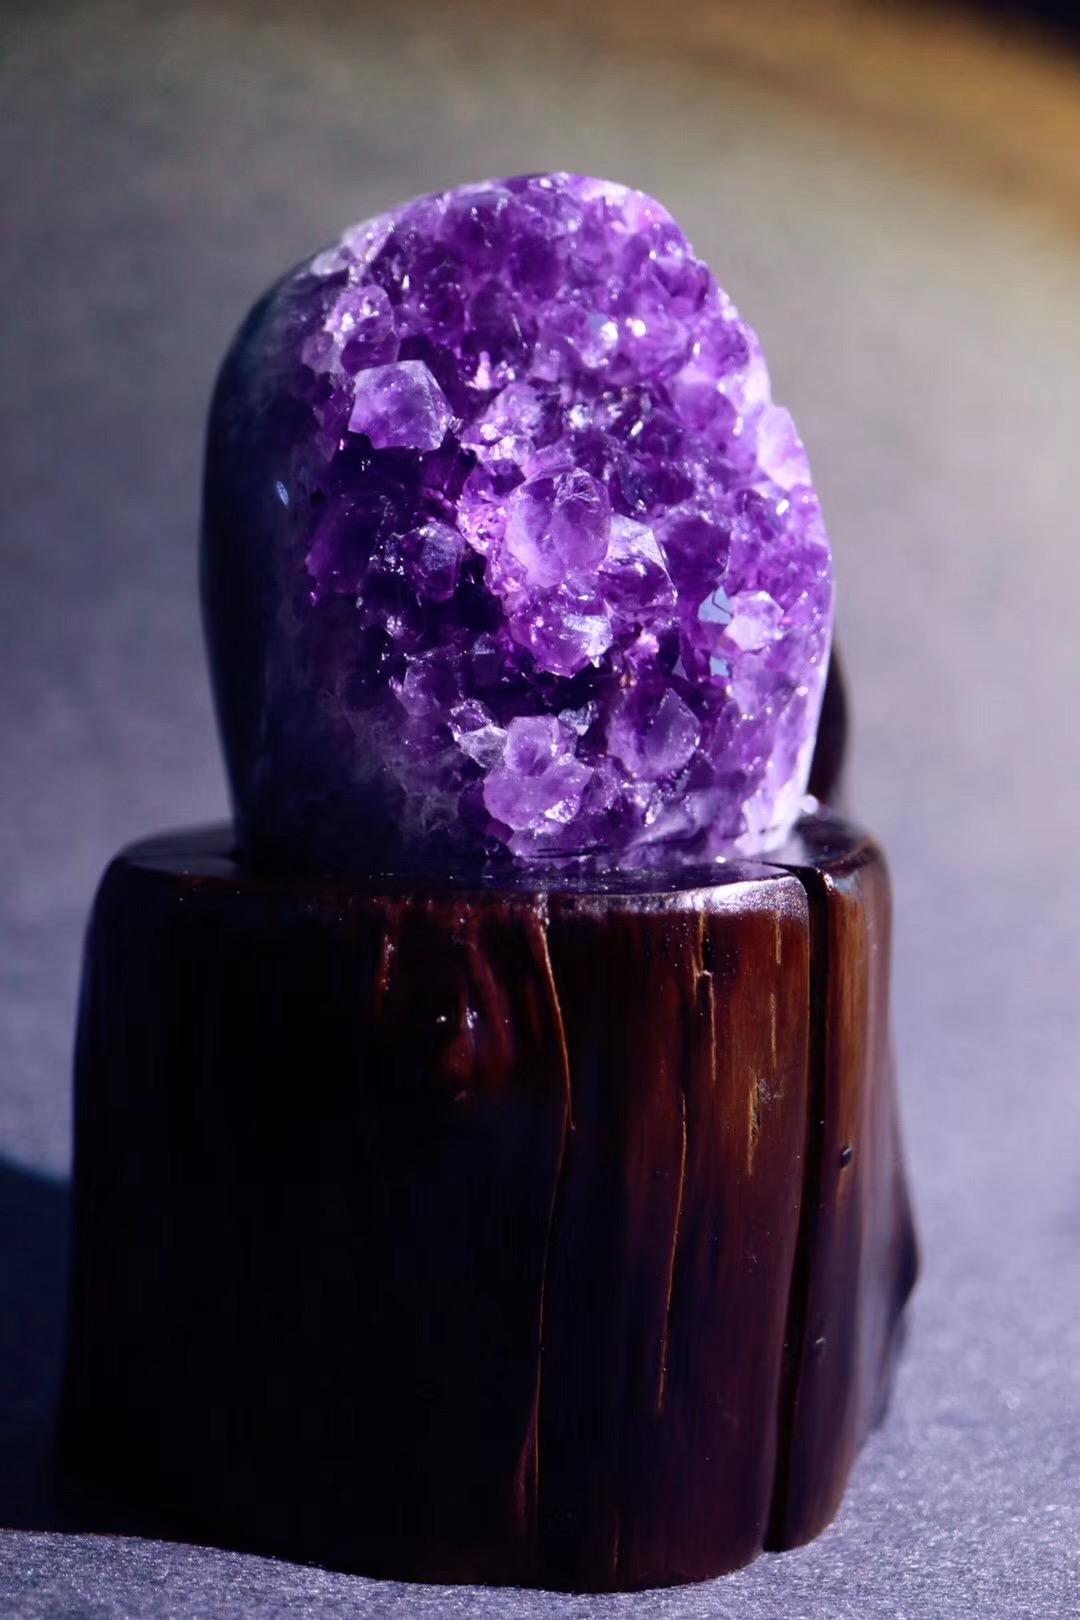 【紫晶簇】让你的灵感源源不断~~-菩心晶舍